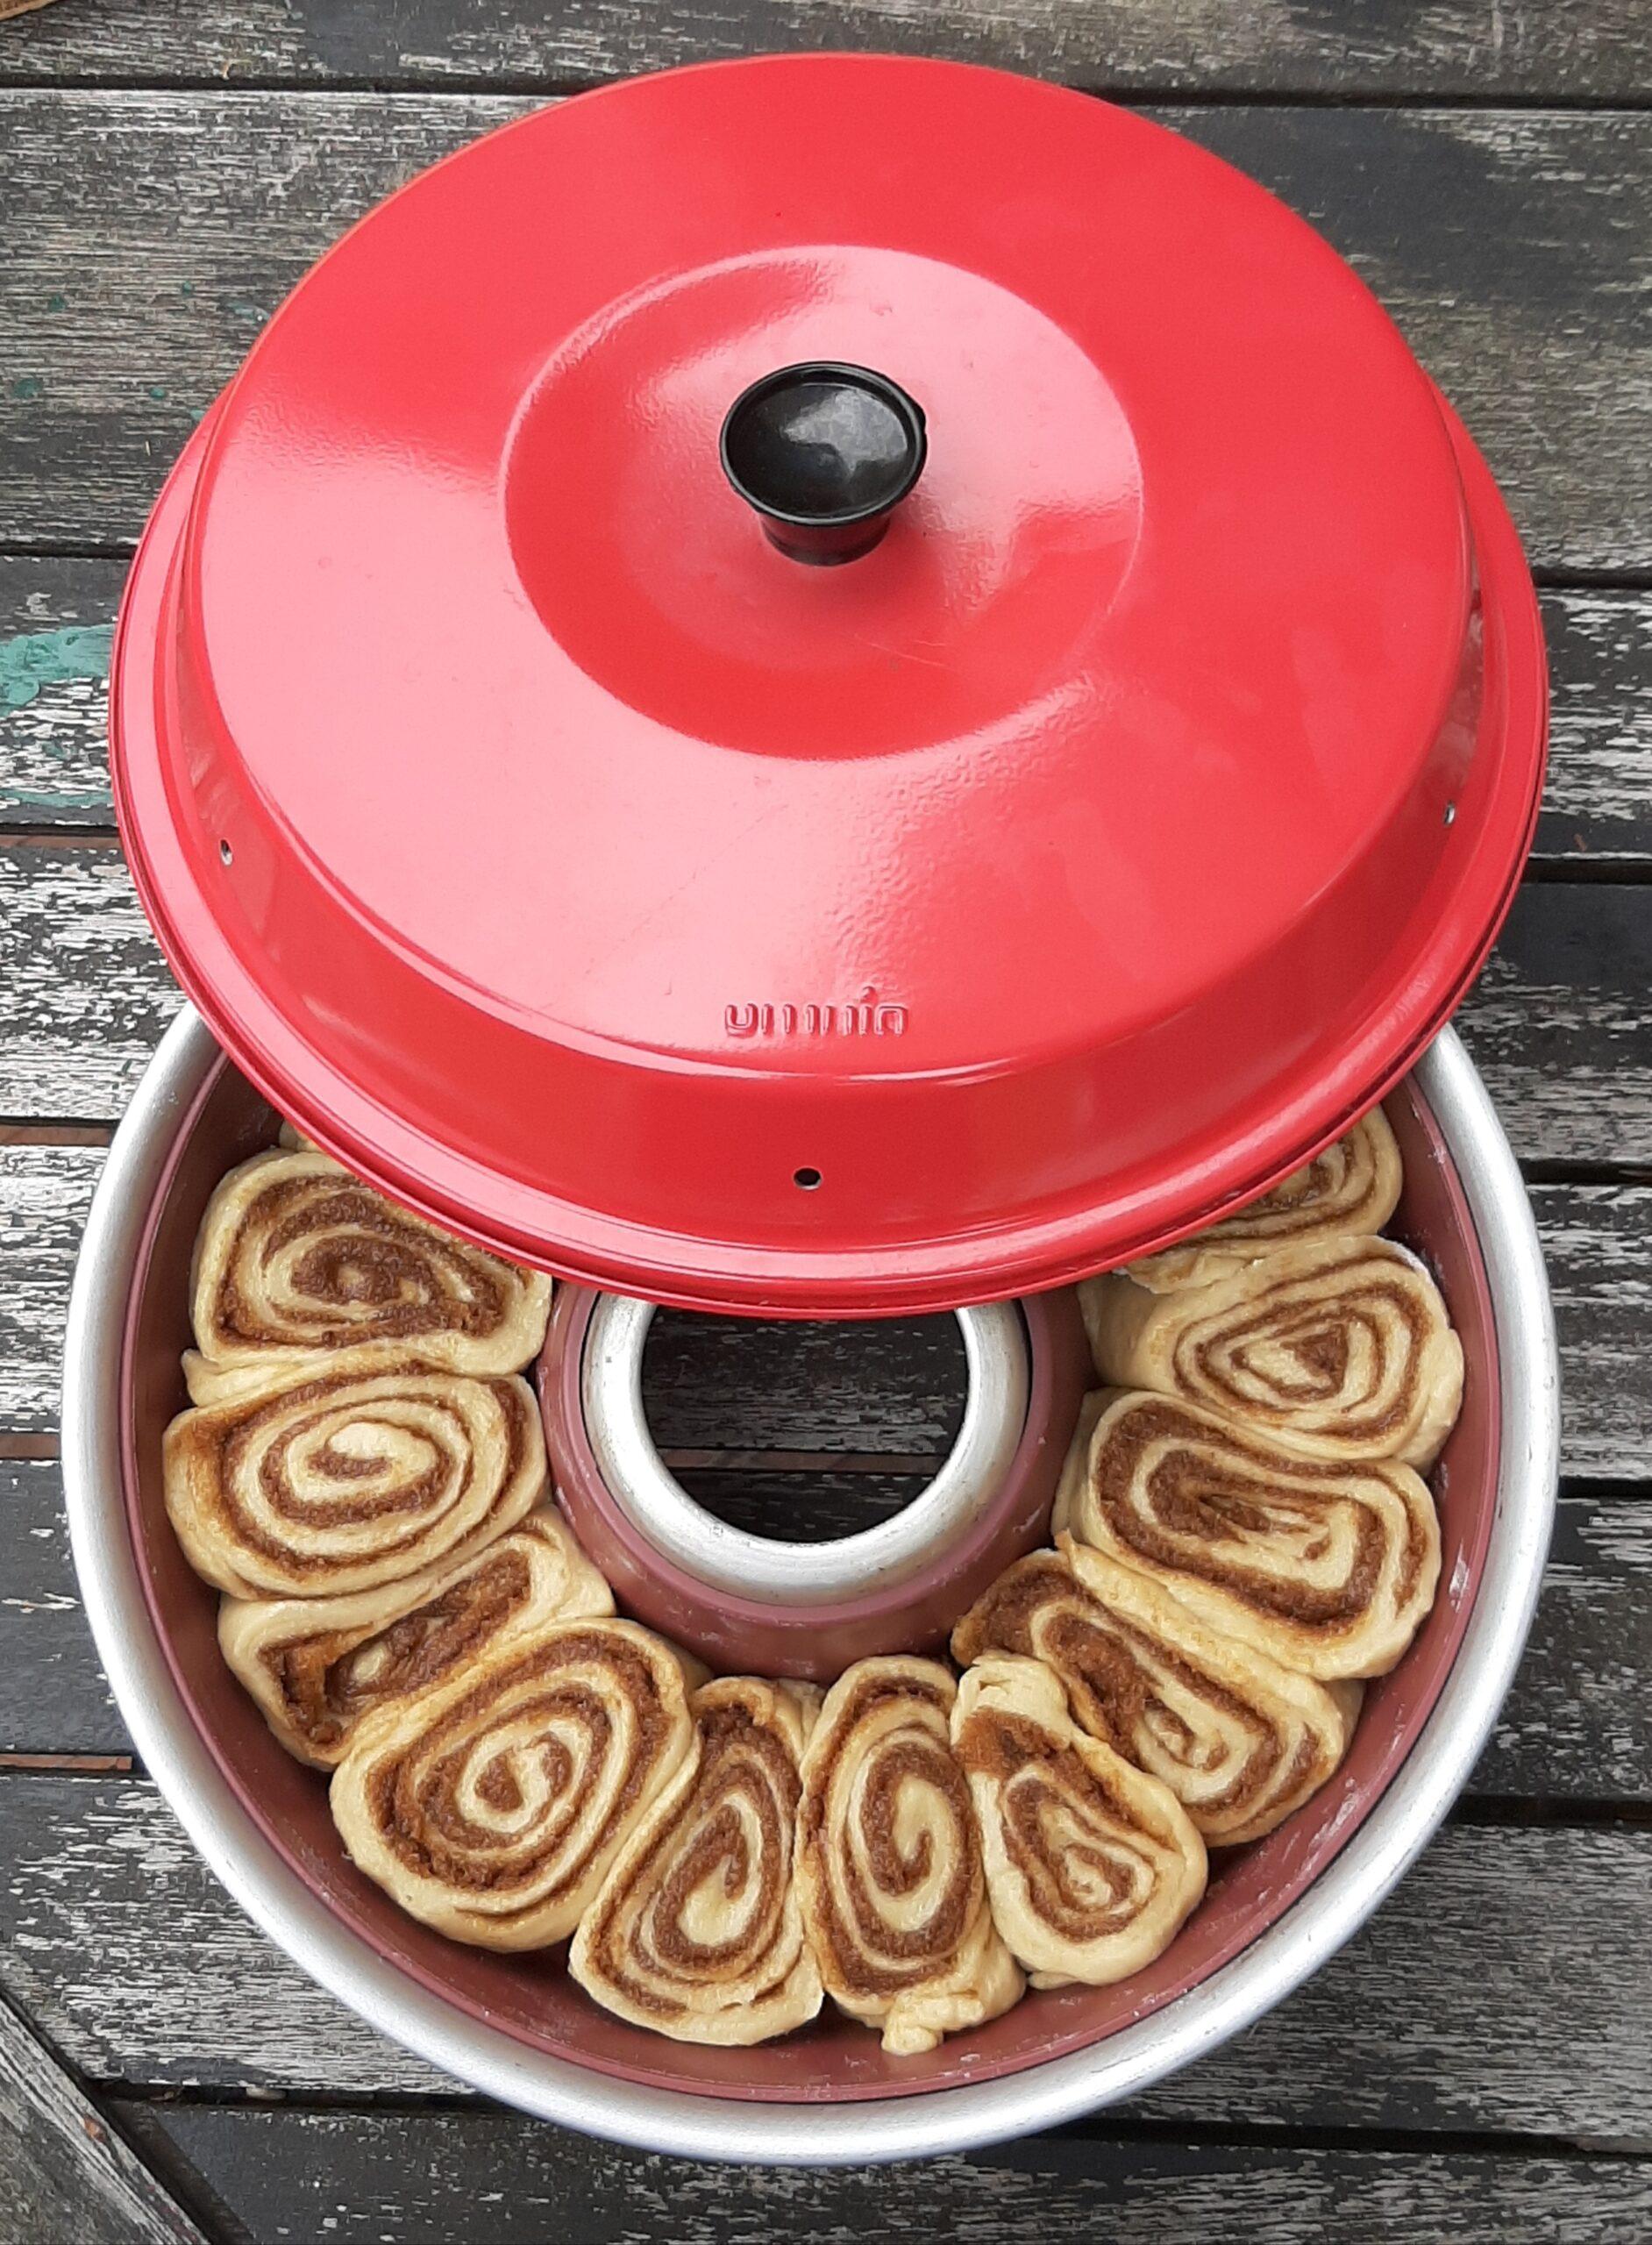 kanelsnegle kage omnia ovn Den Sultne Rejsende